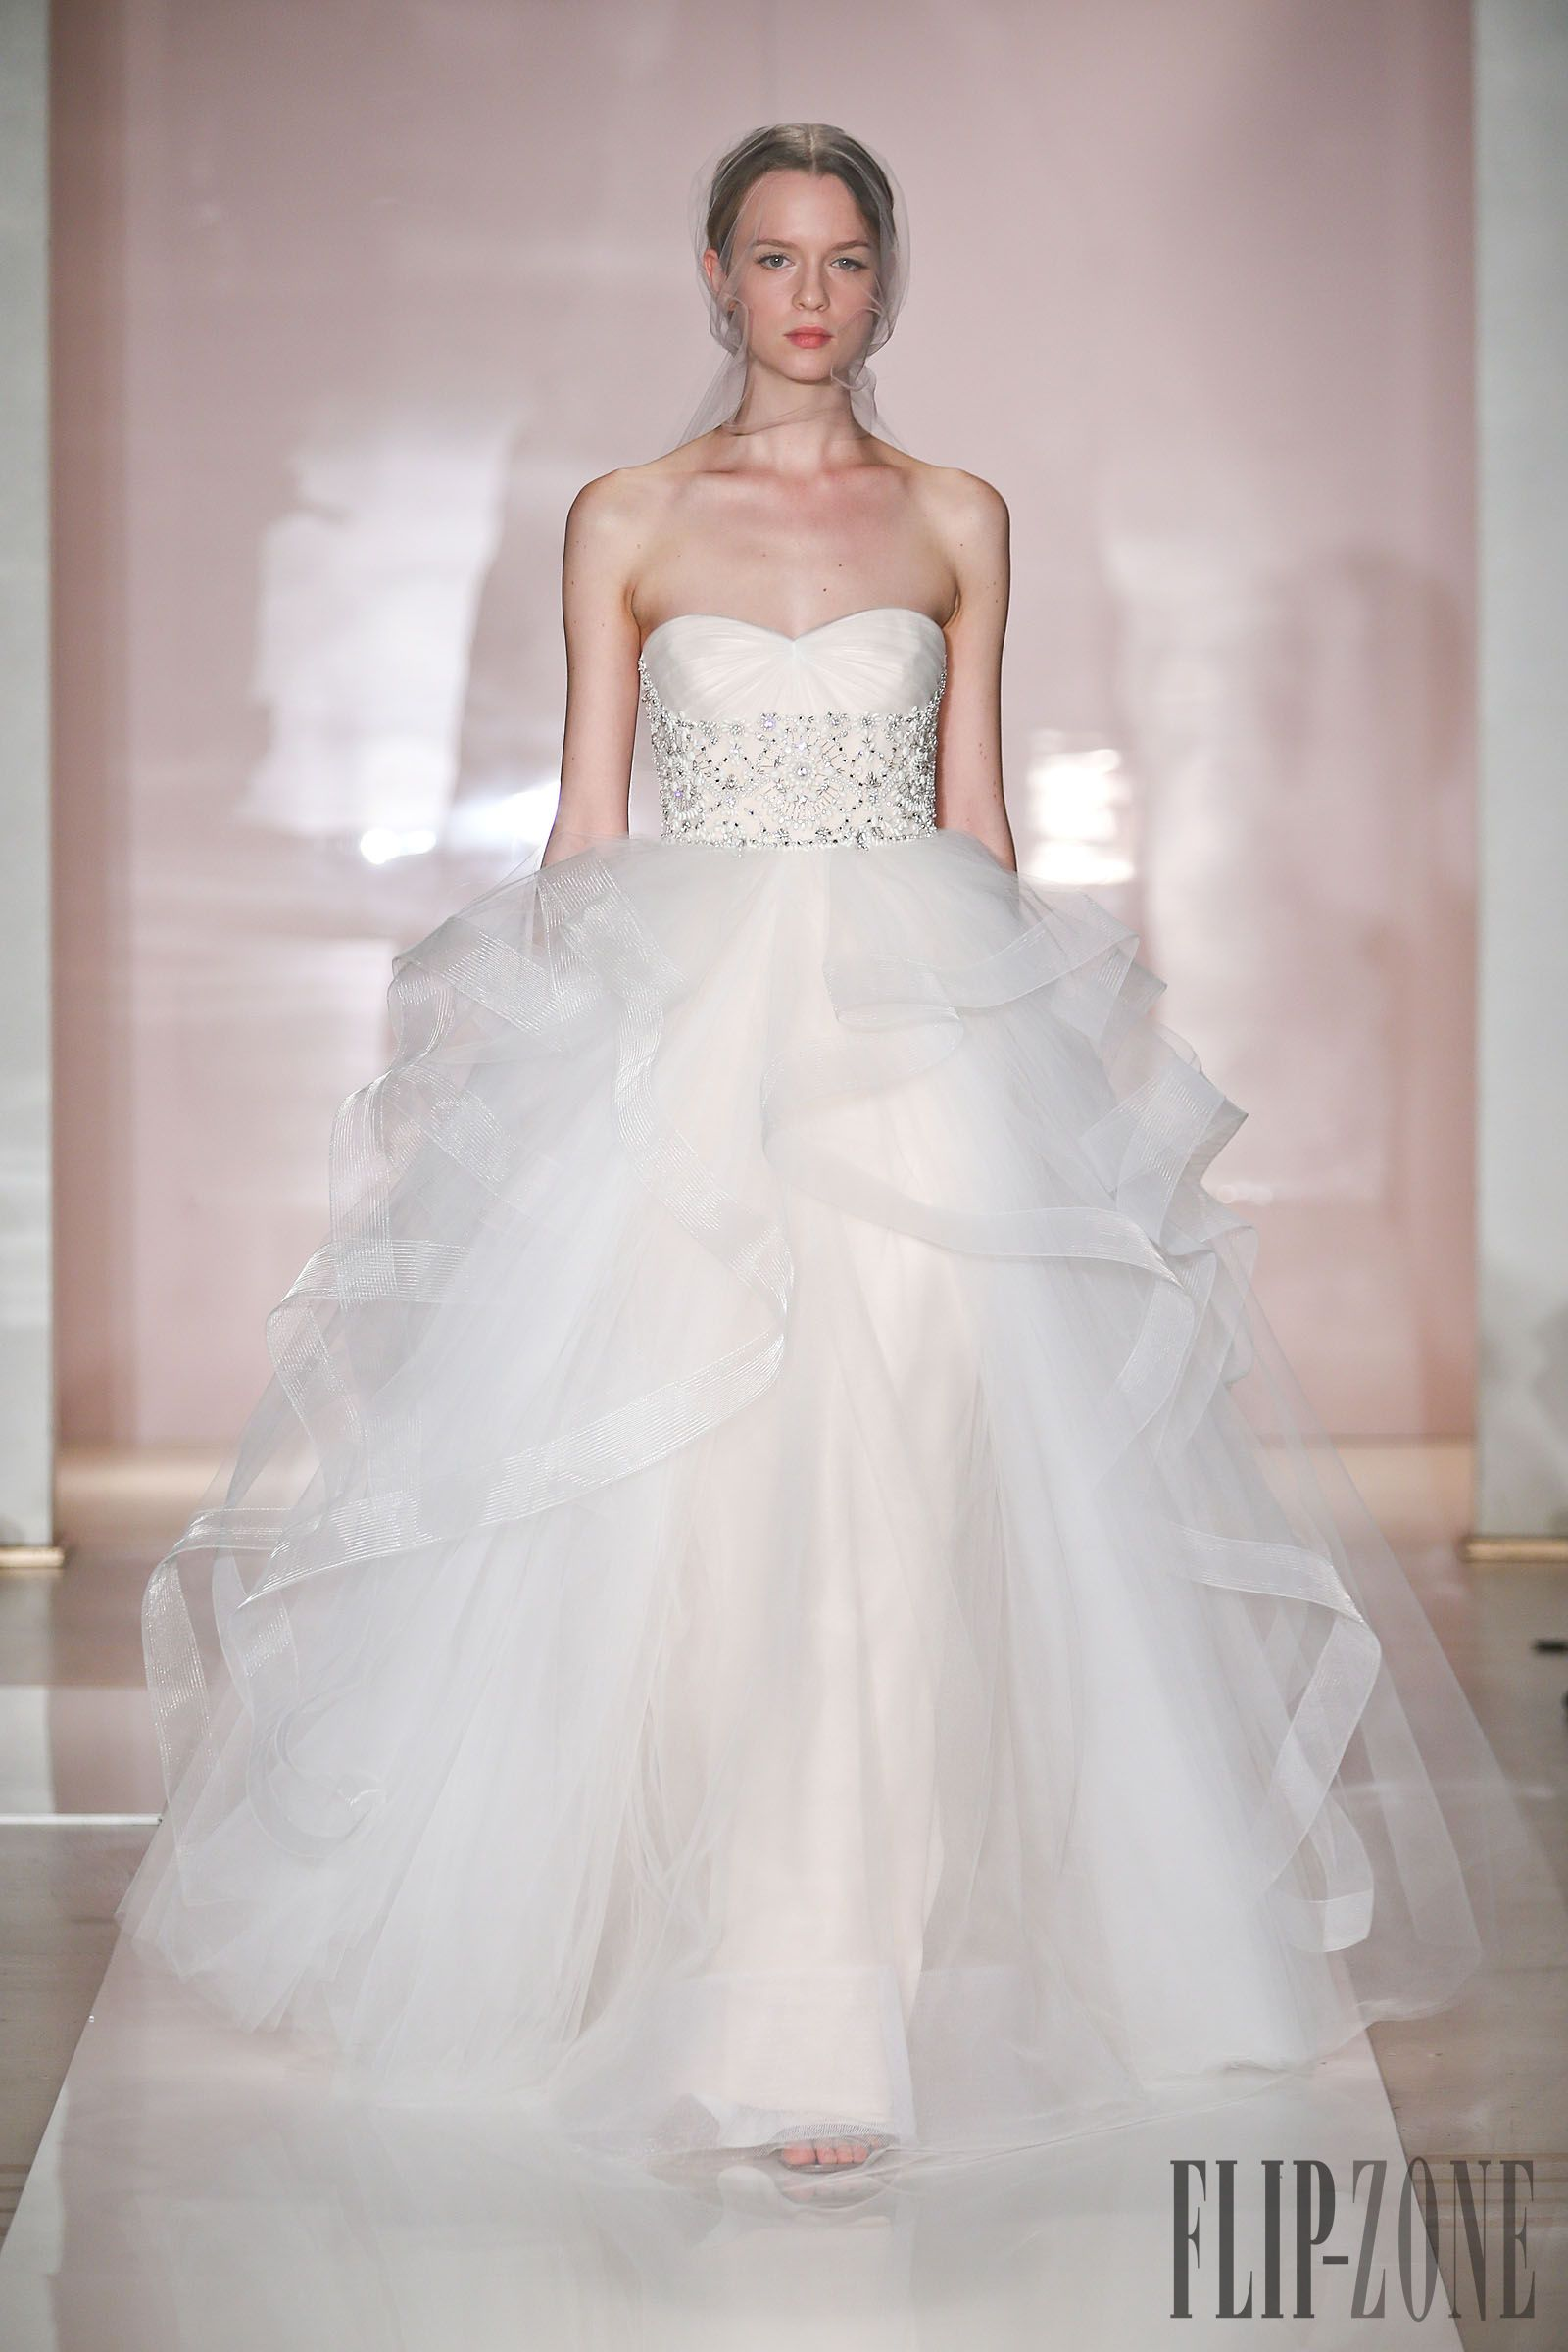 リーム・アクラ [Reem Acra] 2014春夏 - ウェディングドレス | wedding ...